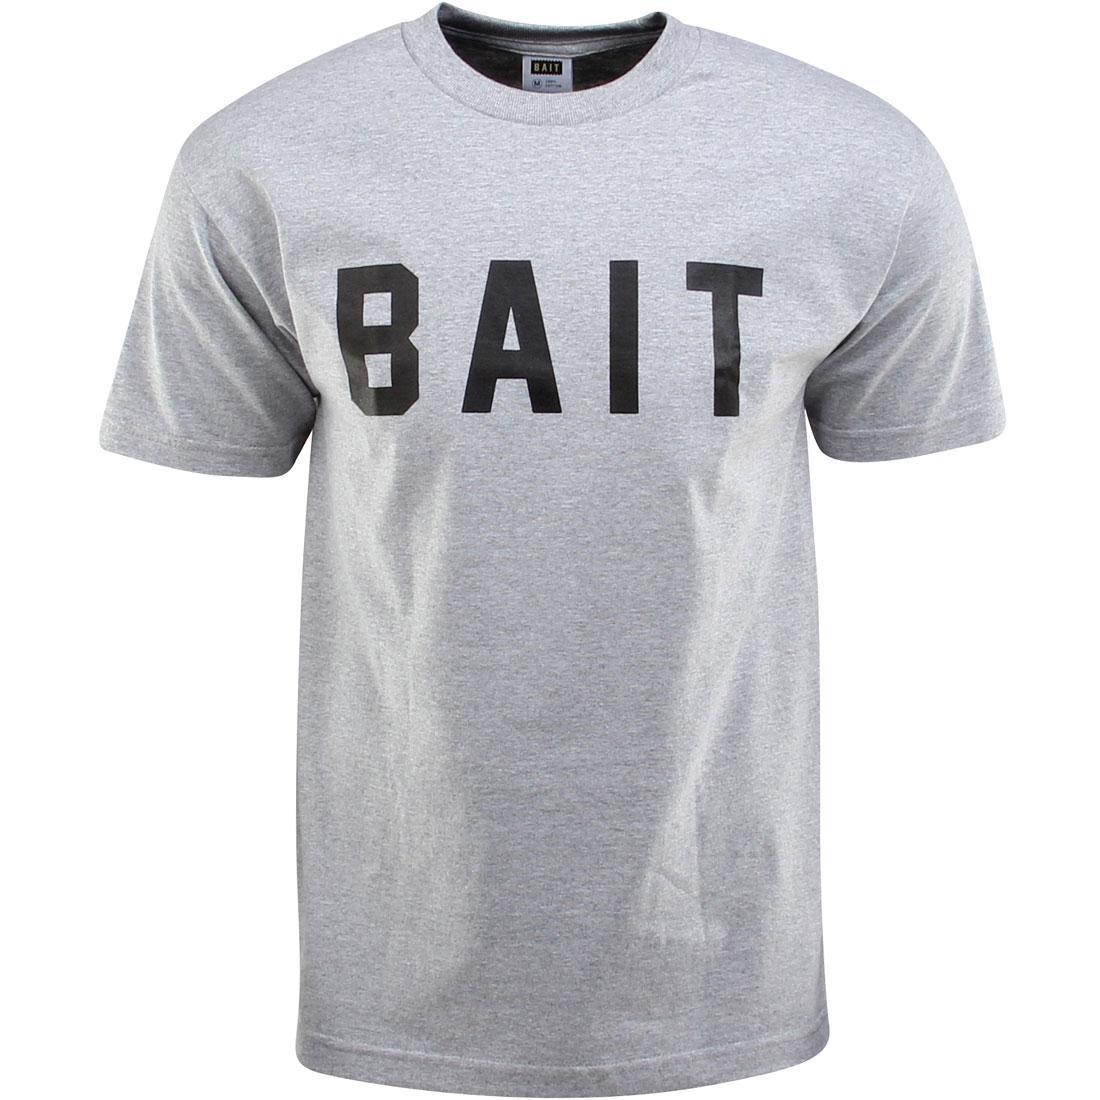 ロゴ Tシャツ ヘザー 灰色 グレー グレイ 【 HEATHER GRAY BAIT LOGO TEE BLACK 】 メンズファッション トップス カットソー 送料無料